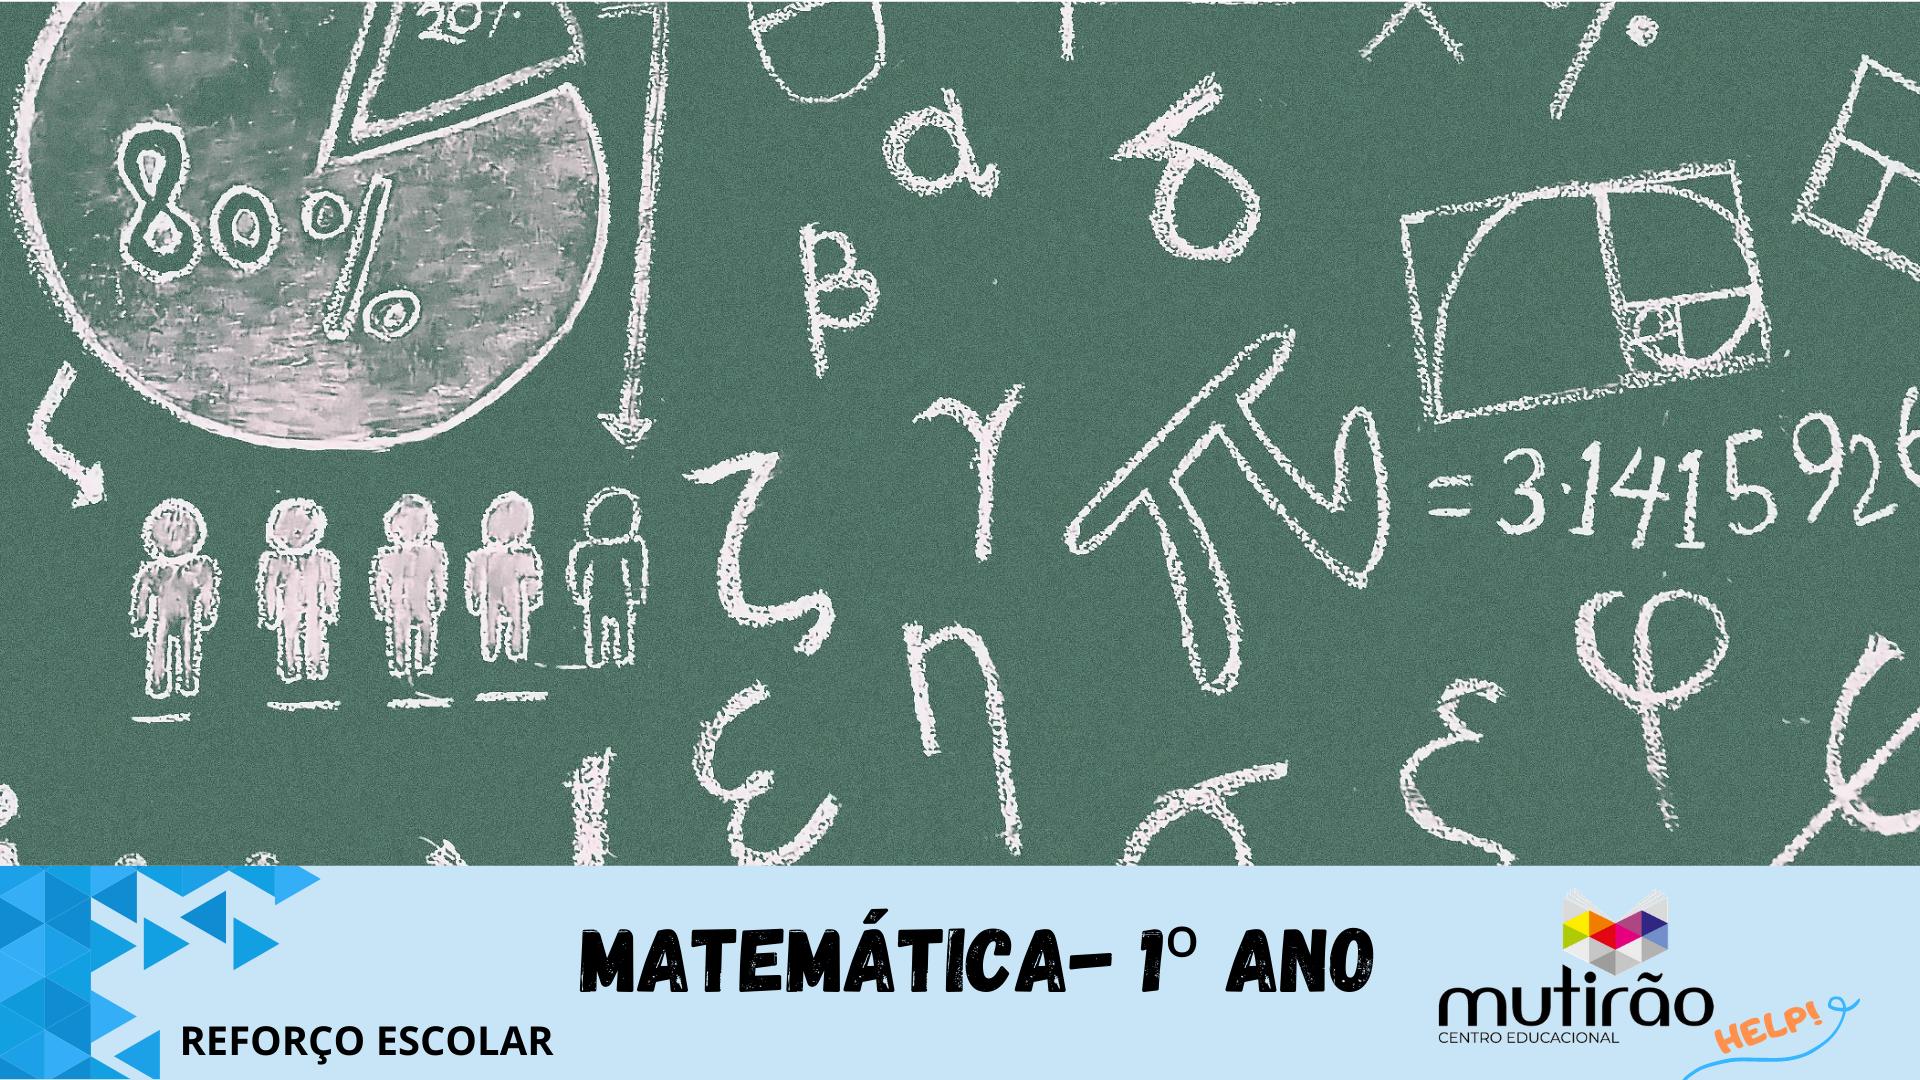 Mutirão Help ! Reforço Escolar 1º ano - Matemática